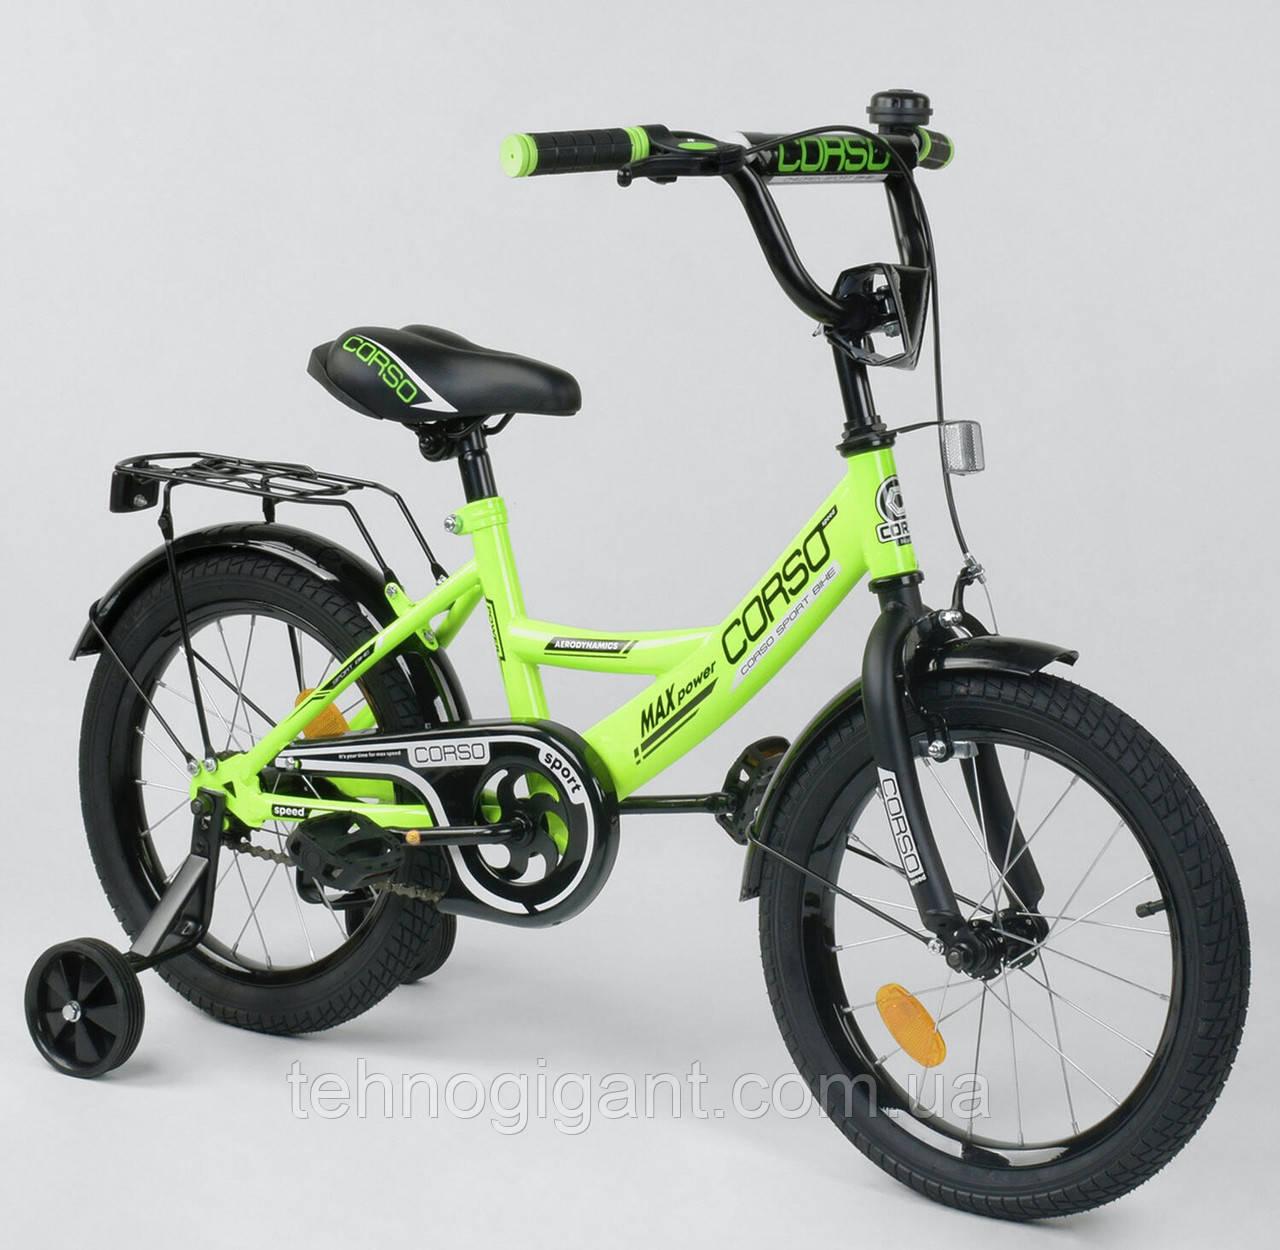 Велосипед детский двухколесный 16 Зеленый, CORSO CL-16, 4-6 лет, боковые колеса, ручной тормоз, багажник